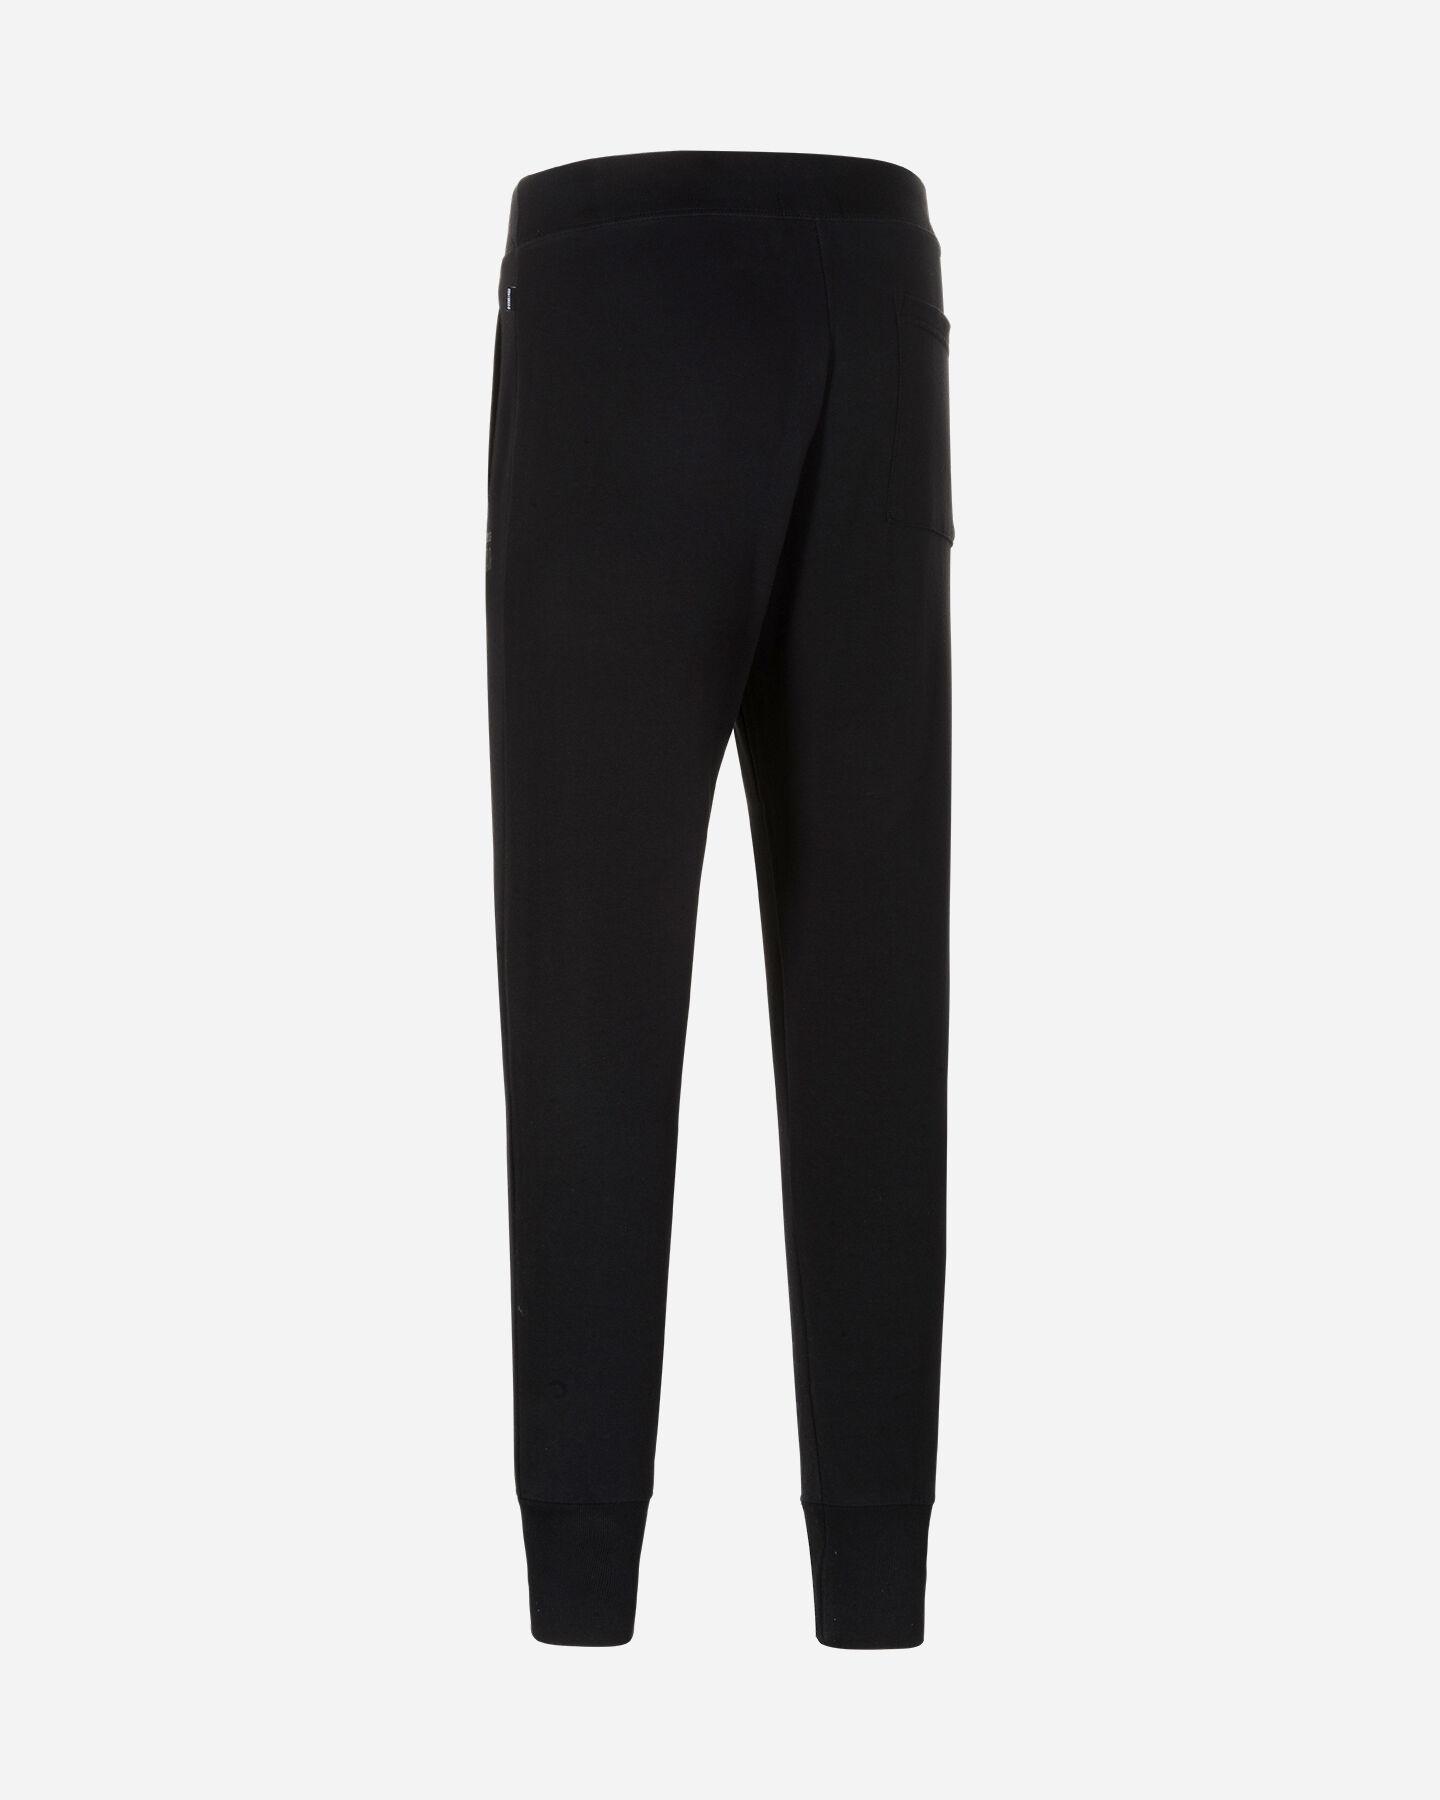 Pantalone CONVERSE SLIM FIT M S5244037 scatto 1